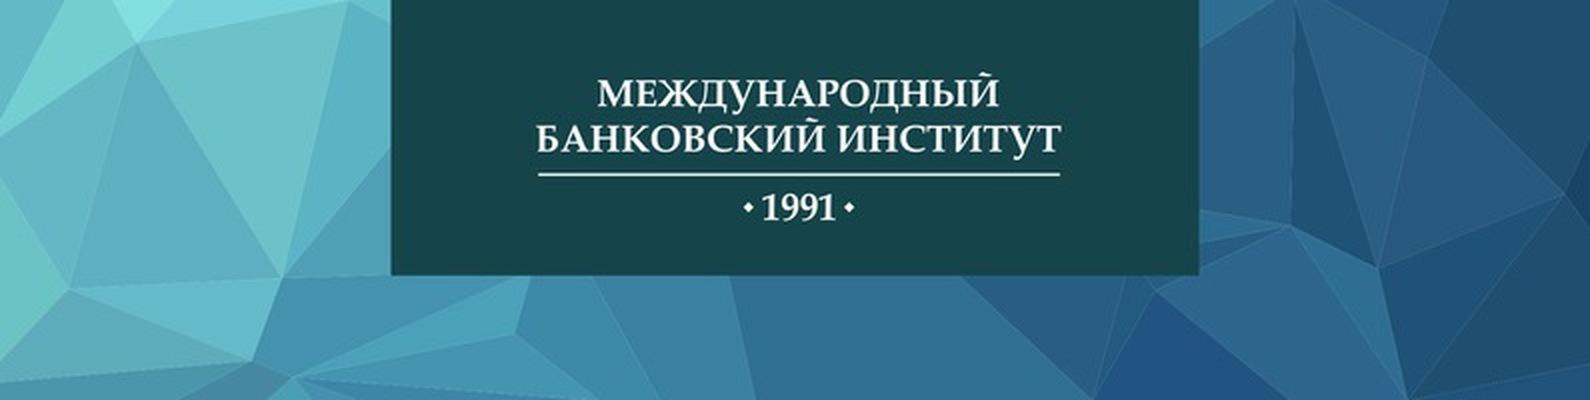 Приглашаем студентов МВШУ принять участие в ежегодном открытом международном конкурсе  им. профессора В.Н. Вениаминова.